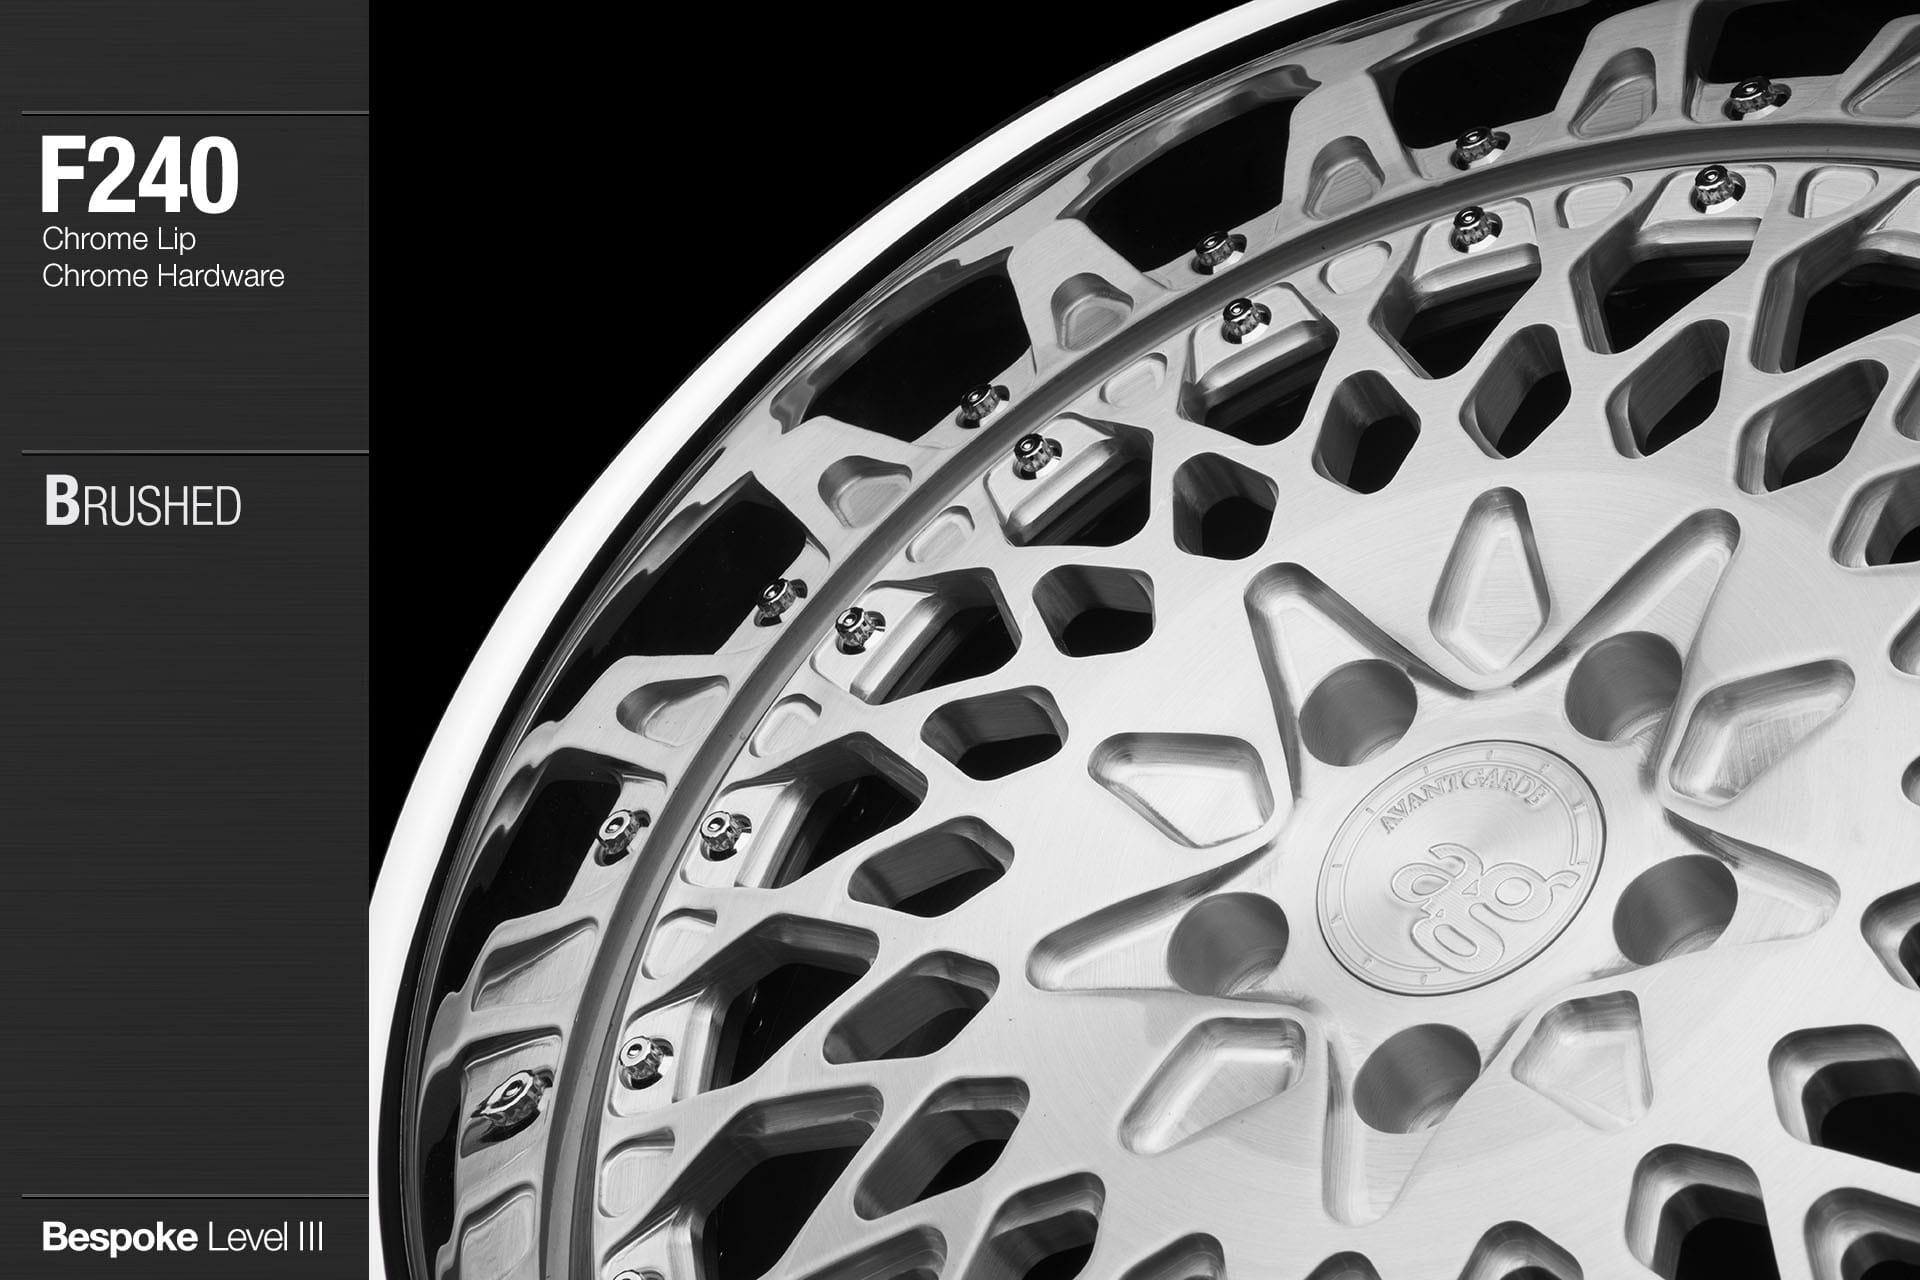 avant garde ag wheels f240 brushed center chrome lip chrome hardware